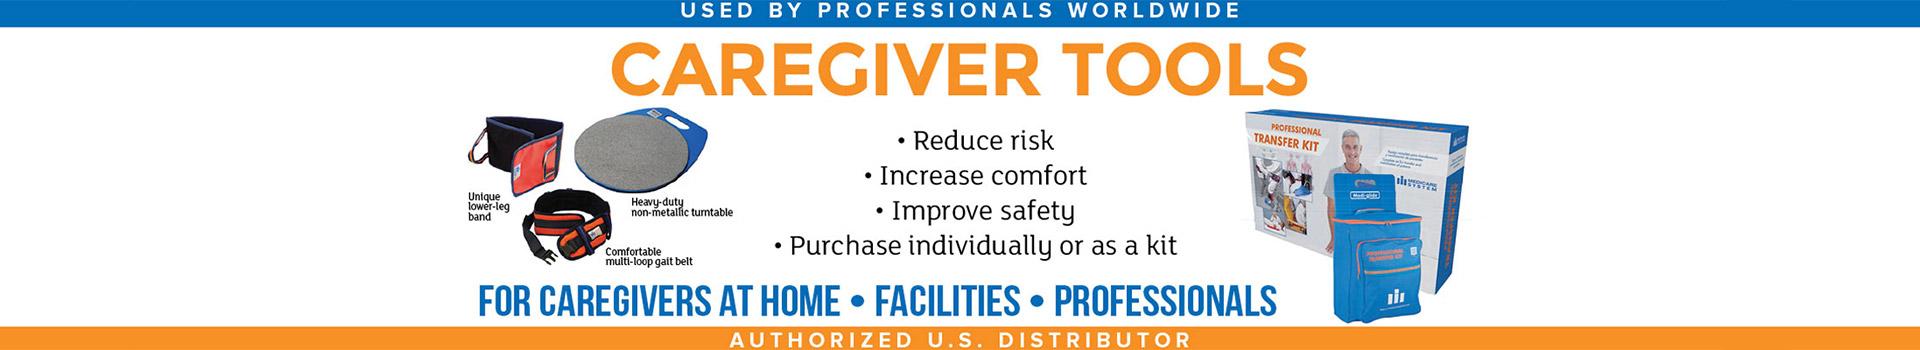 Caregiver-Tools